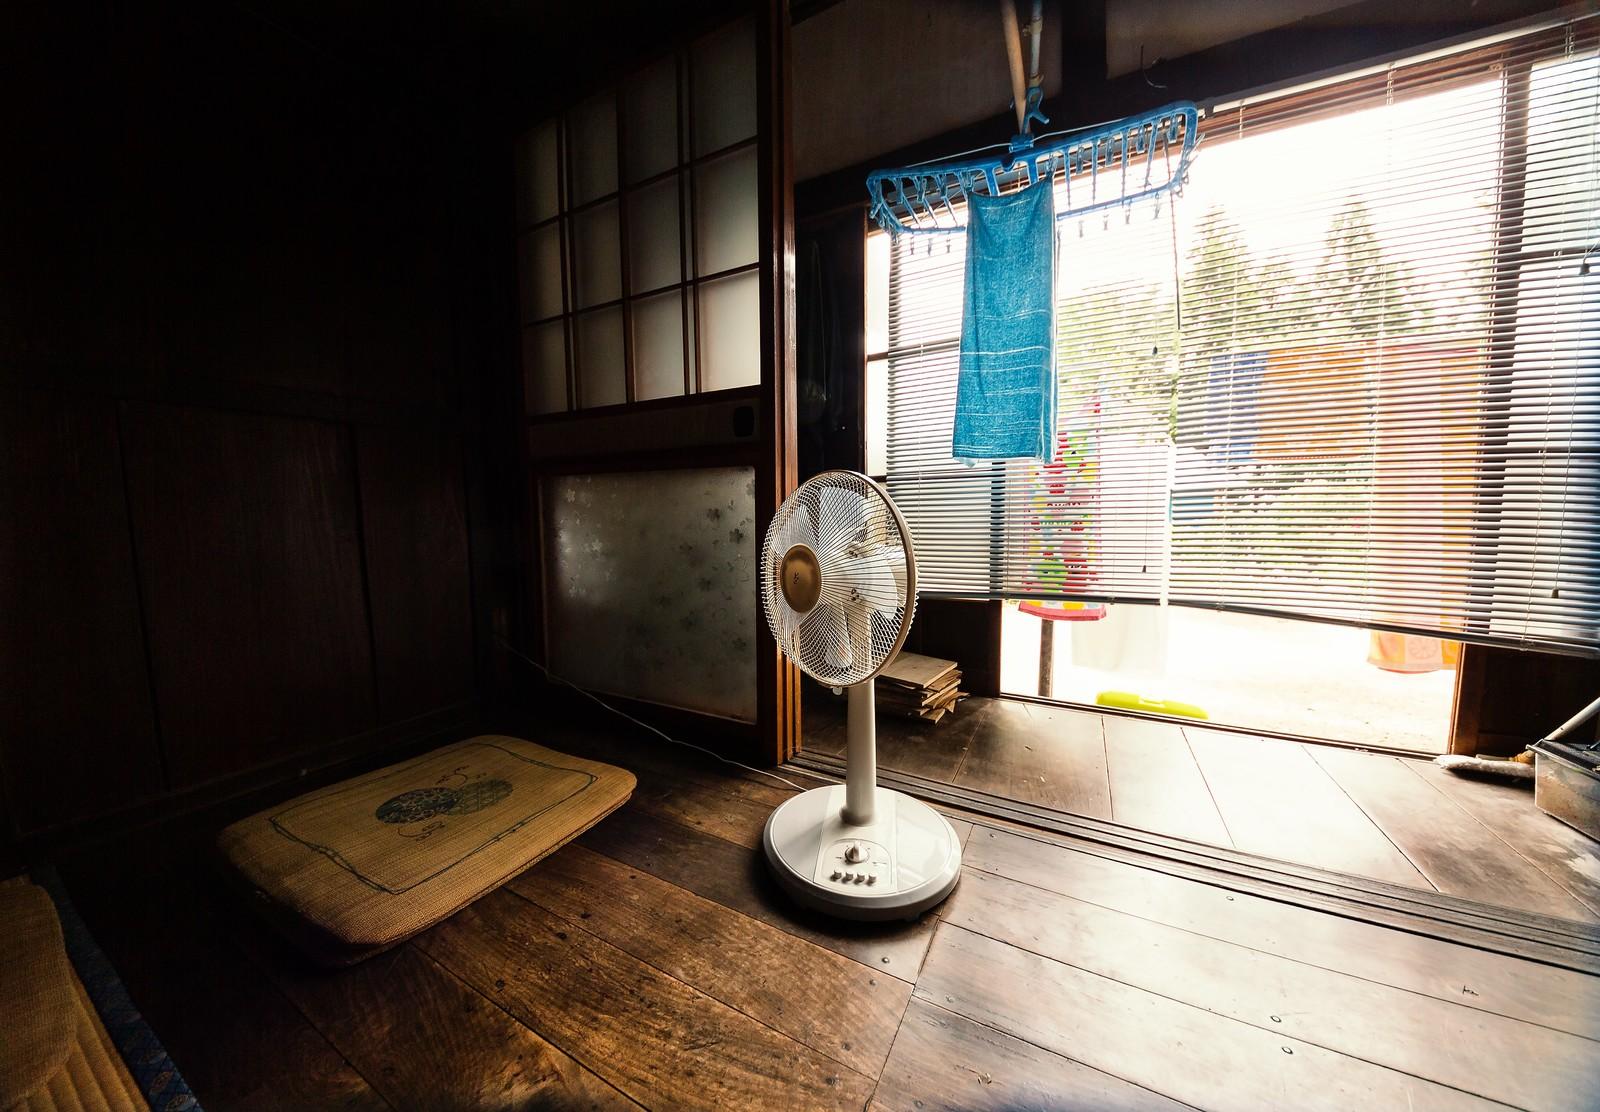 英語 扇風機 弱にする,英語 扇風機 強にする,英語 扇風機 弱,英語 扇風機 強,